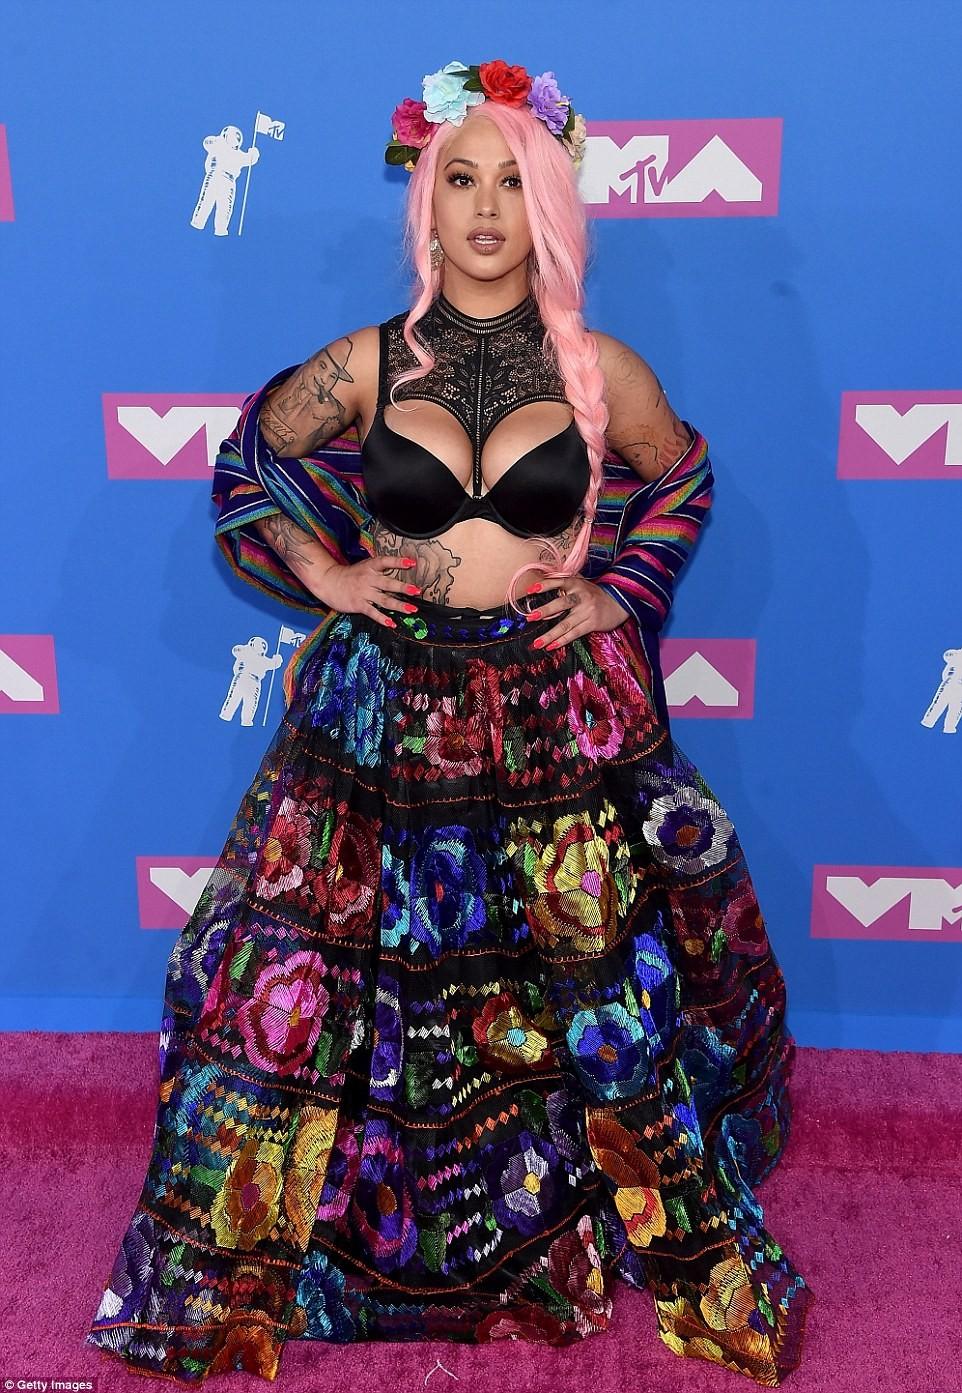 Blac Chyna, Amber Rose, Nicki Minaj and Sky lead 2018 VMA